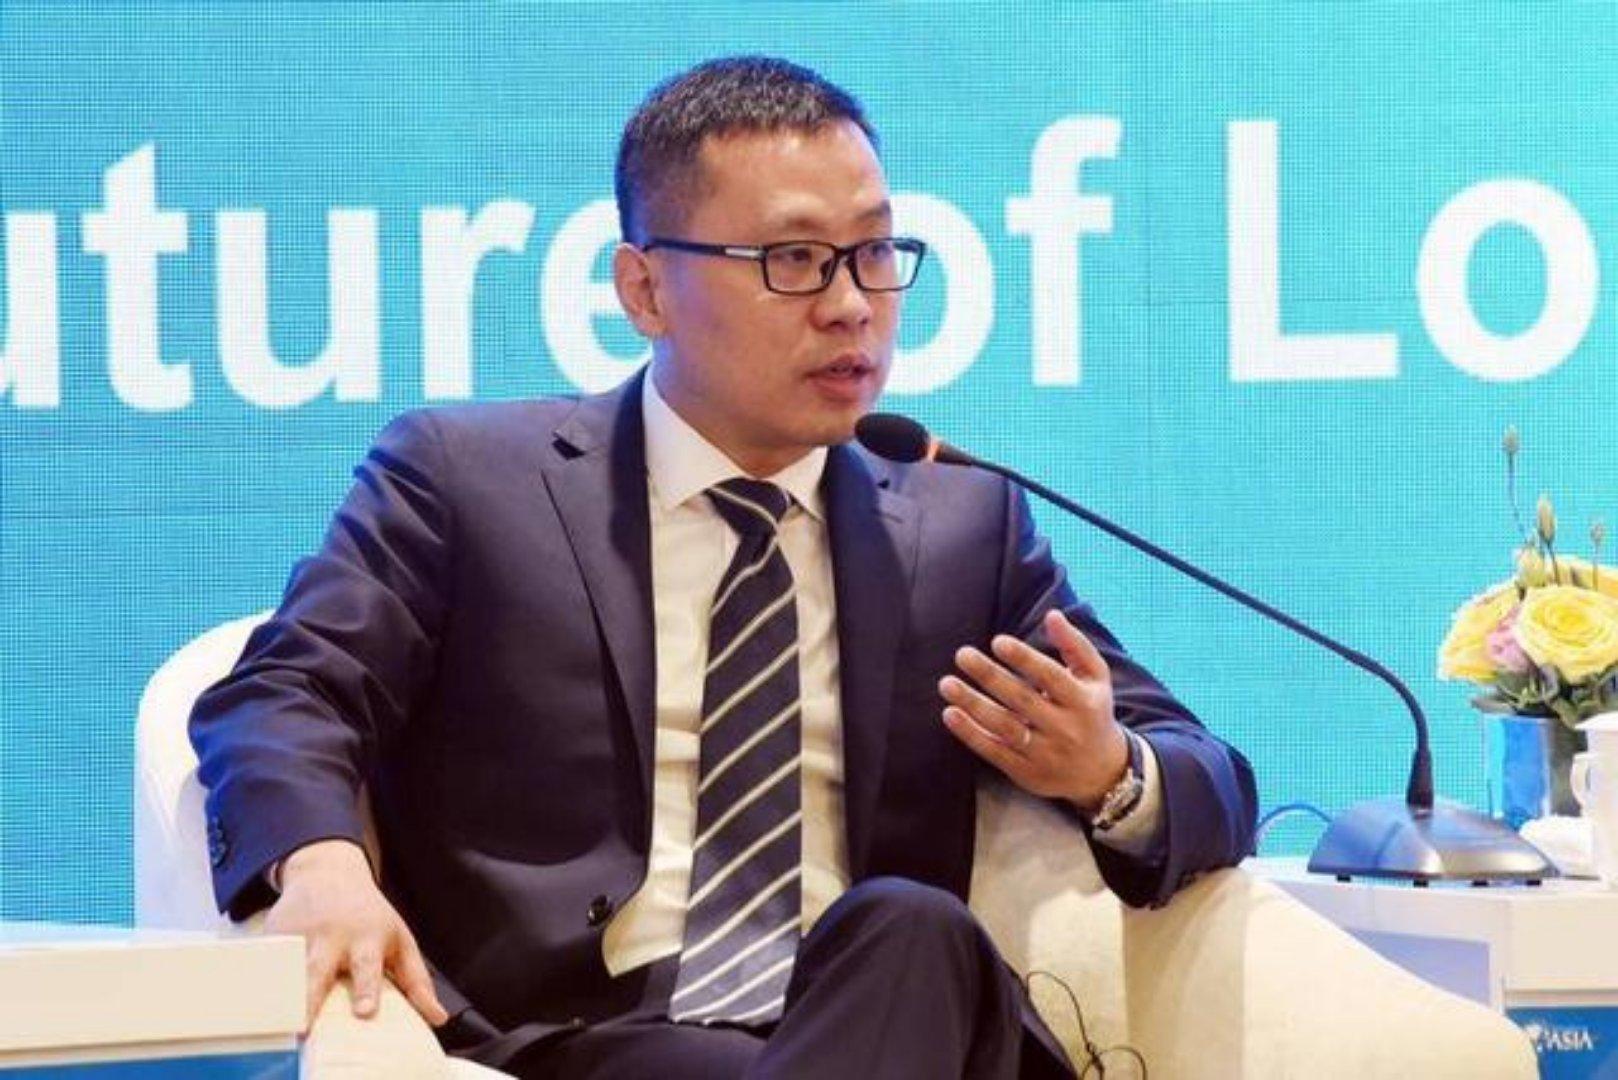 重新定义物流,王振辉在博鳌说出了未来大势